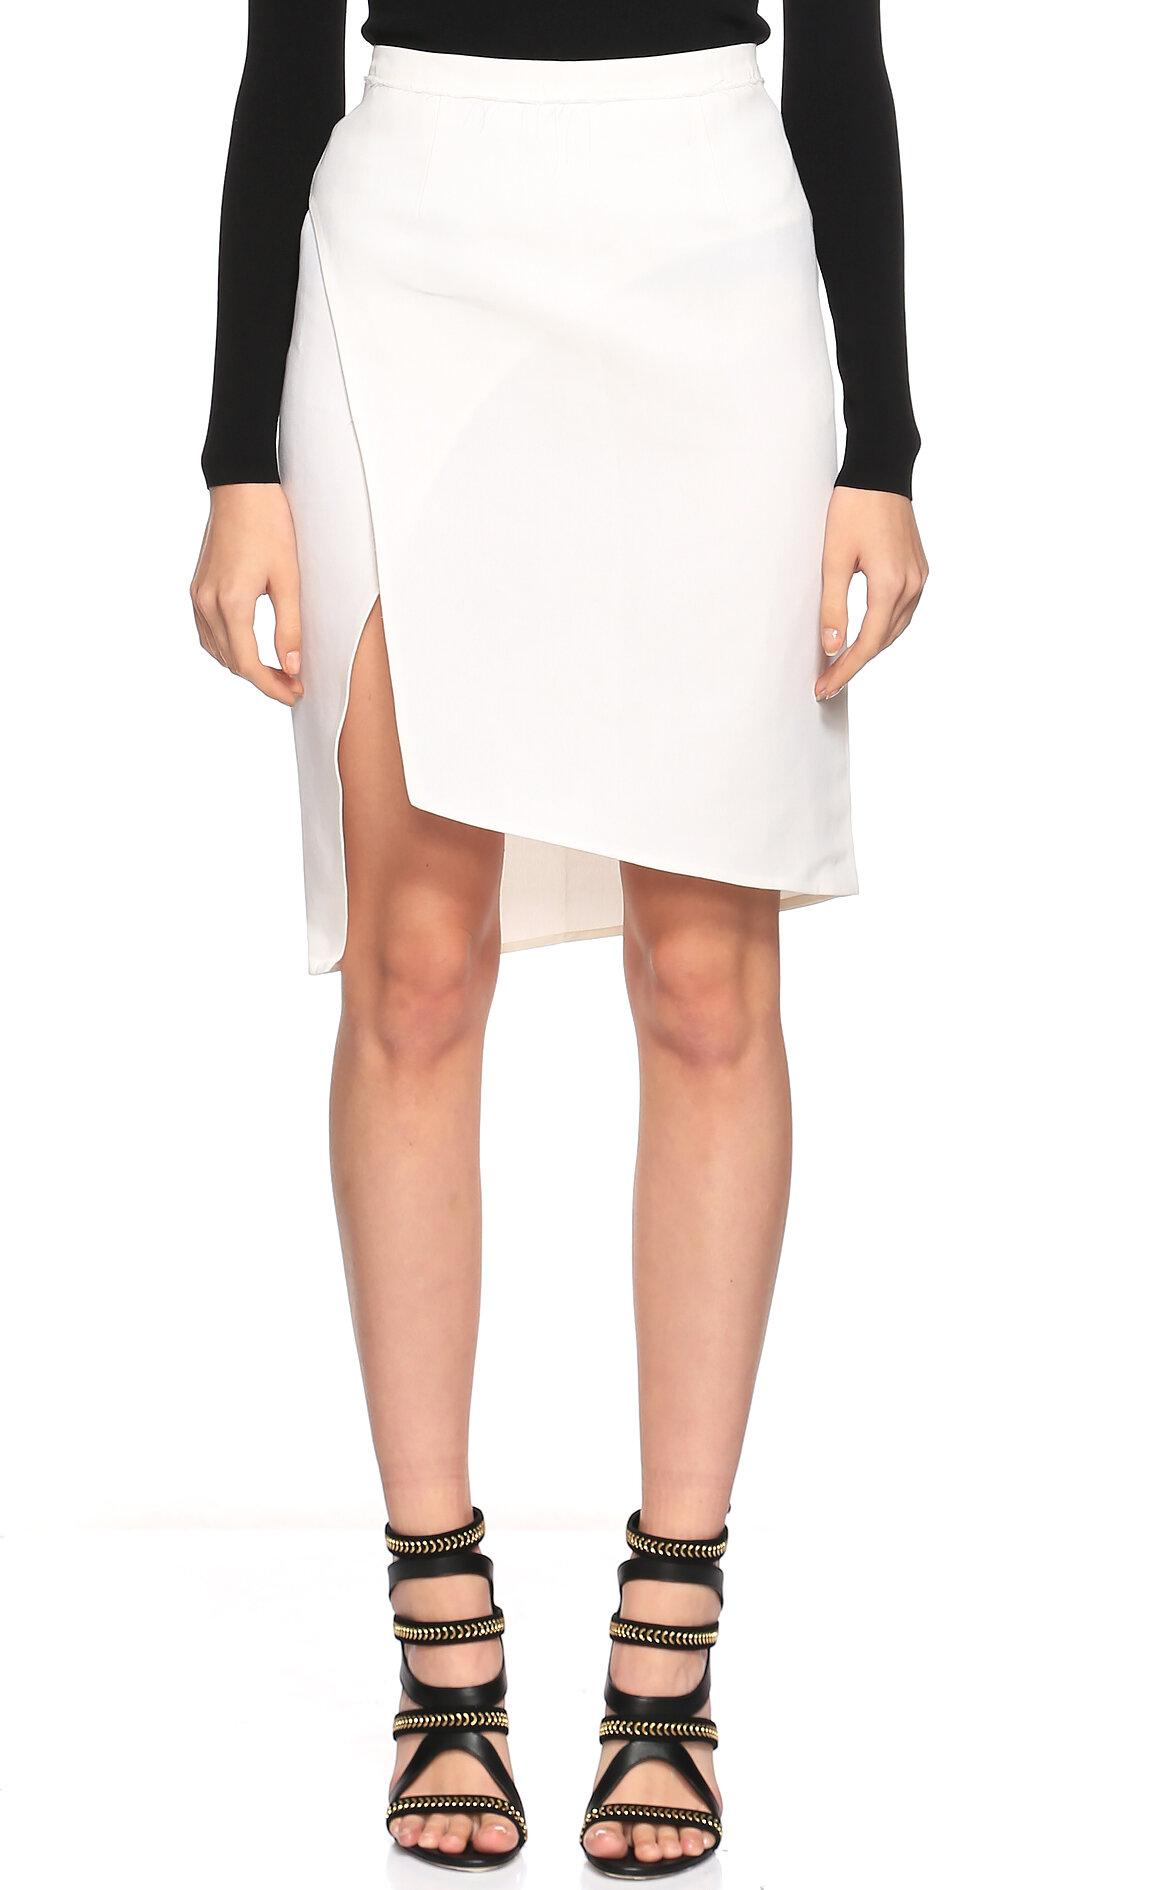 Costume National-Costume National Asimetrik Kesim Yırtmaçlı Beyaz Etek